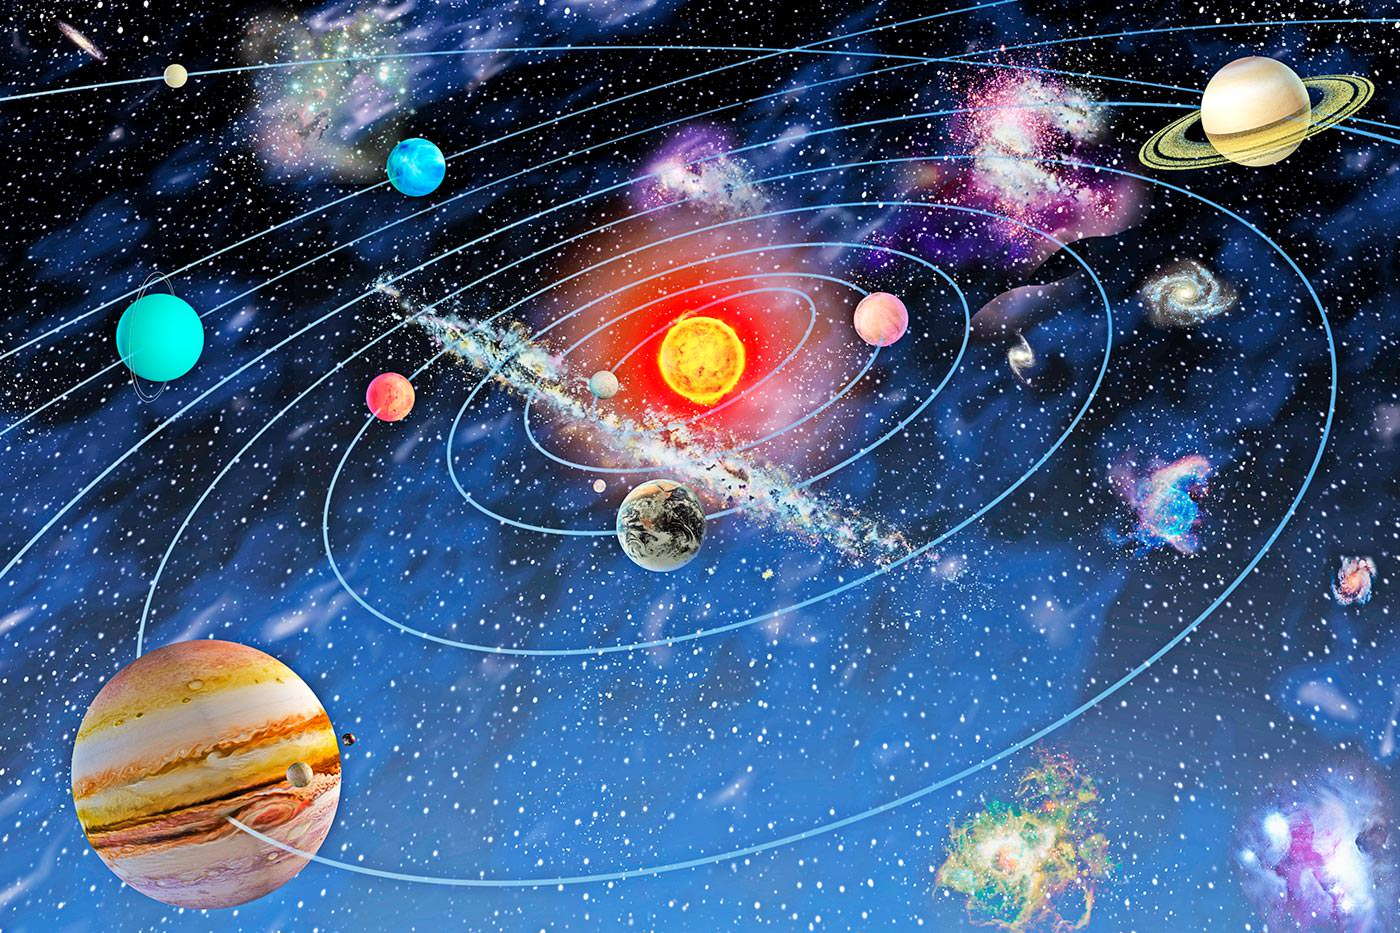 планеты солнечной системы в космосе картинки просмотра следующего изображения